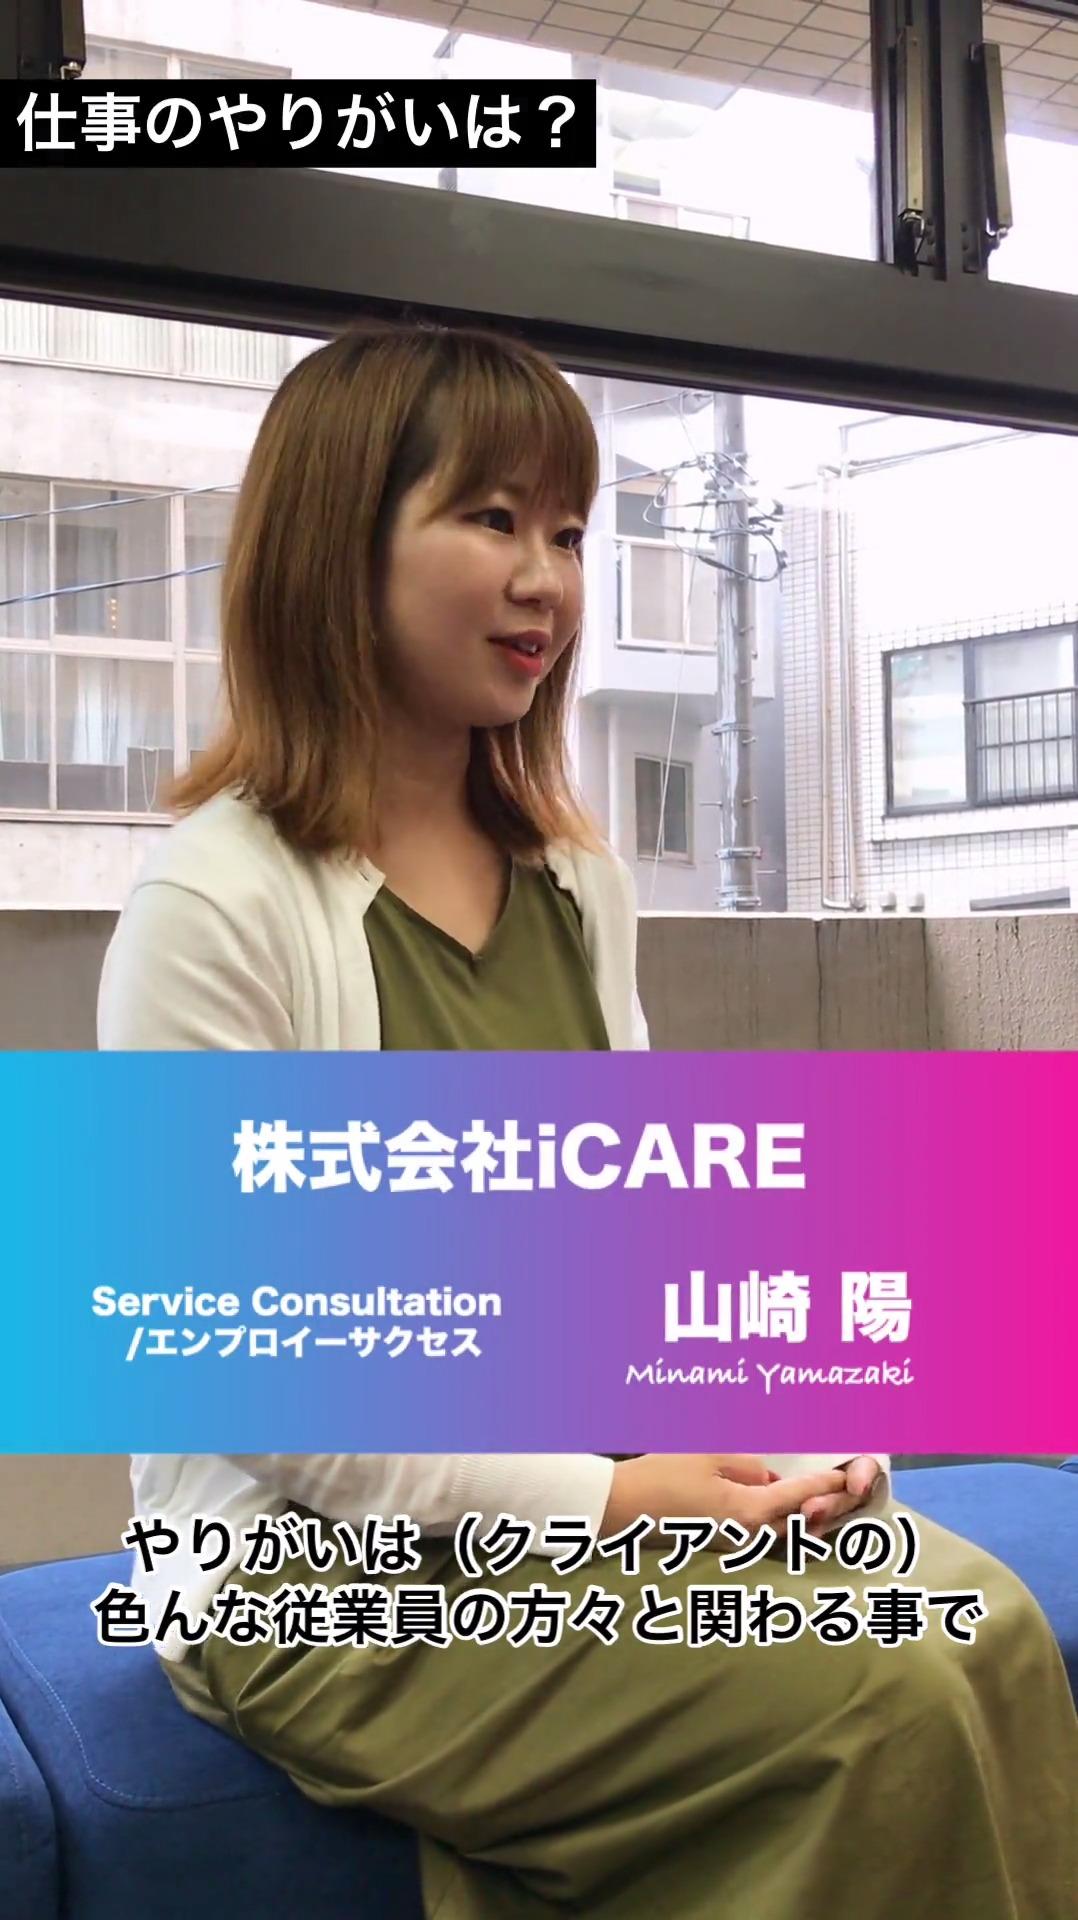 仕事のやりがいについてインタビュー。さまざまな企業の健康経営を支える意義